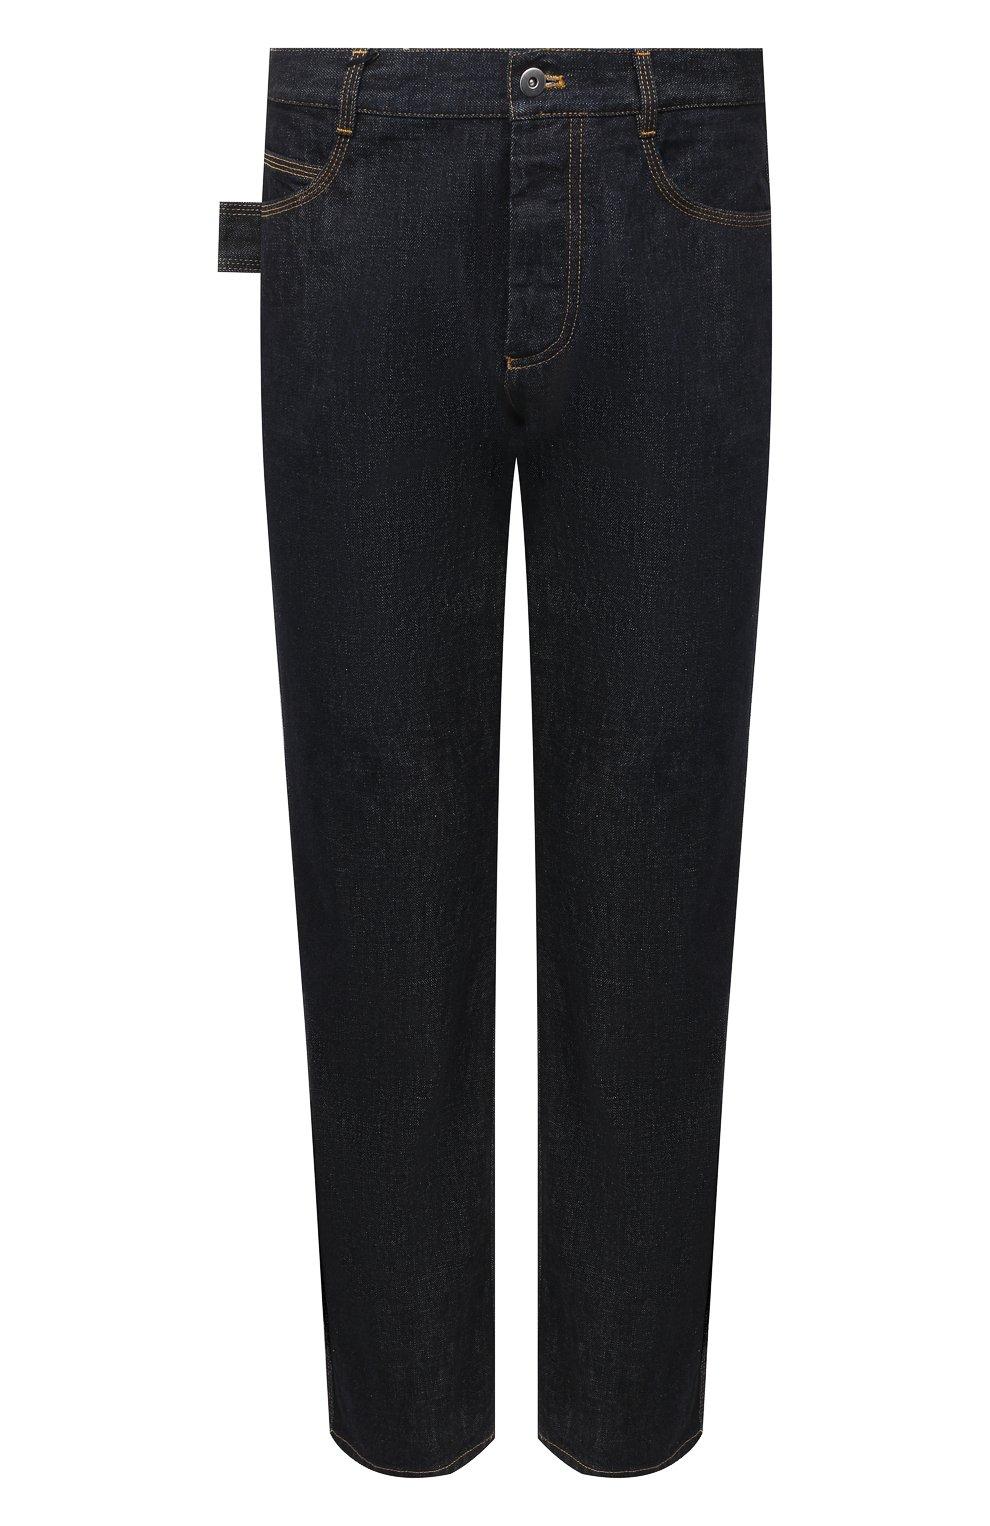 Мужские джинсы BOTTEGA VENETA темно-синего цвета, арт. 649888/V08Y0 | Фото 1 (Силуэт М (брюки): Прямые; Кросс-КТ: Деним; Длина (брюки, джинсы): Стандартные; Материал внешний: Хлопок, Деним; Стили: Минимализм)